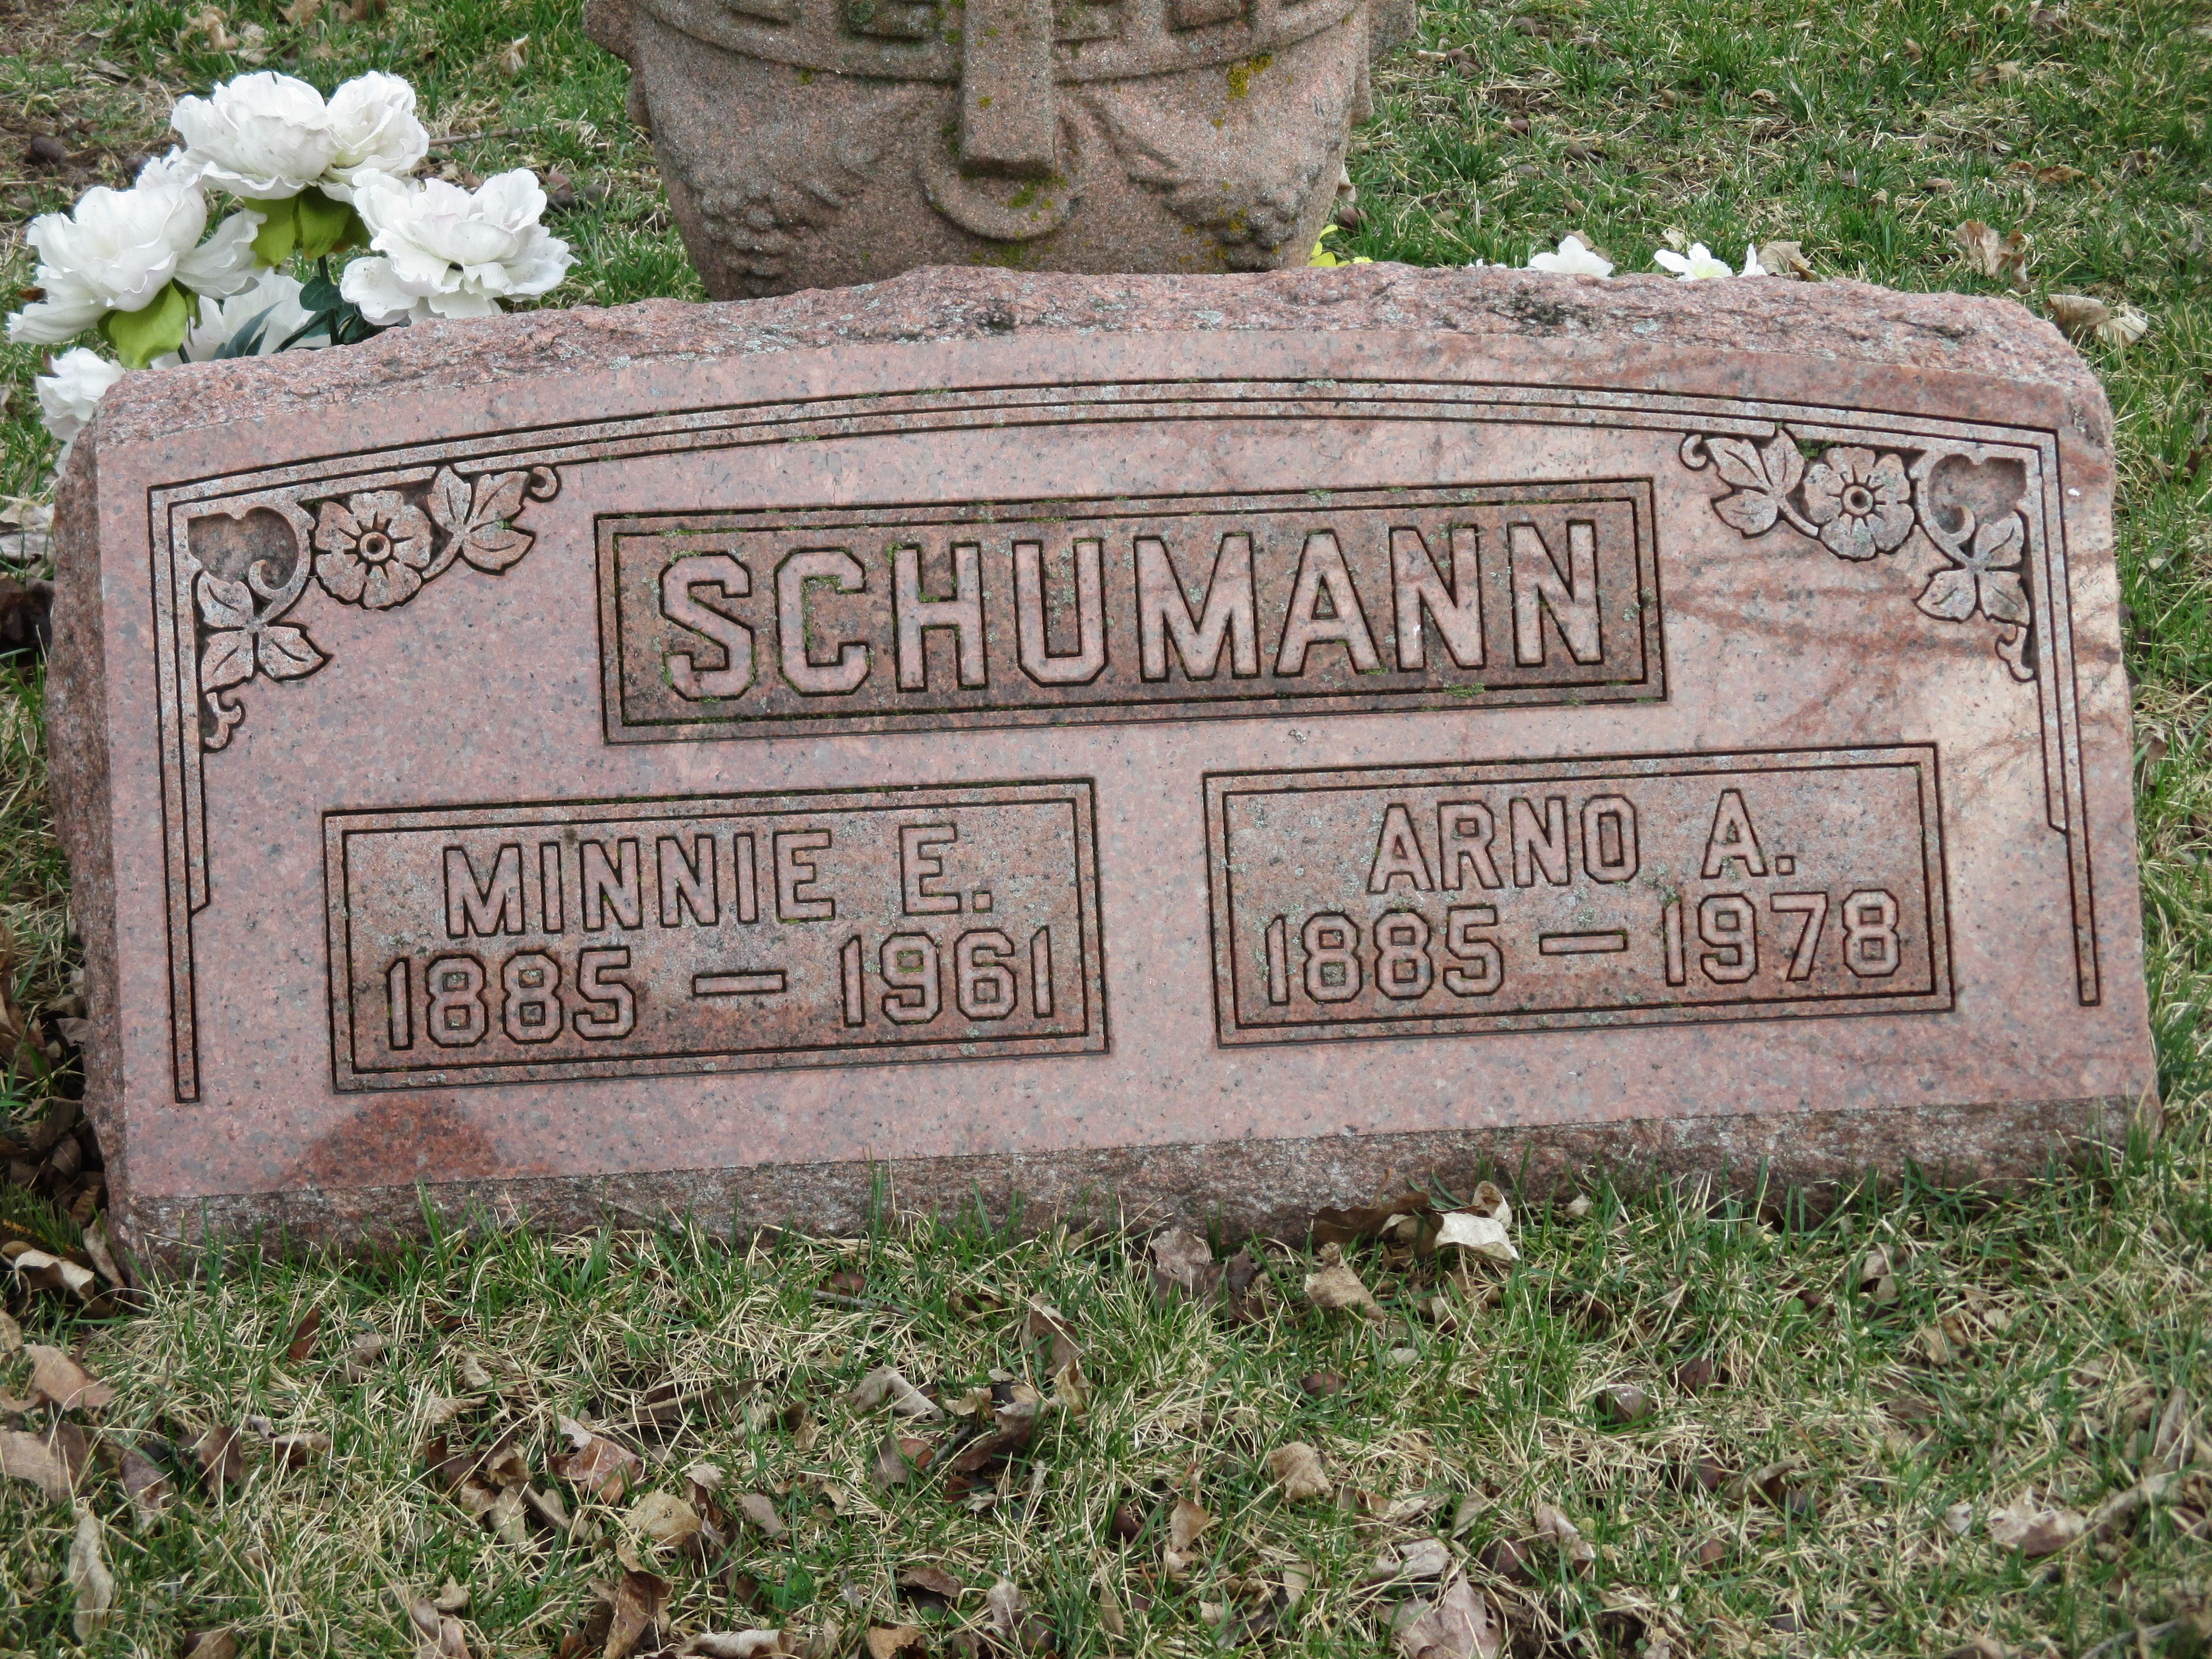 Arno Albert Schumann